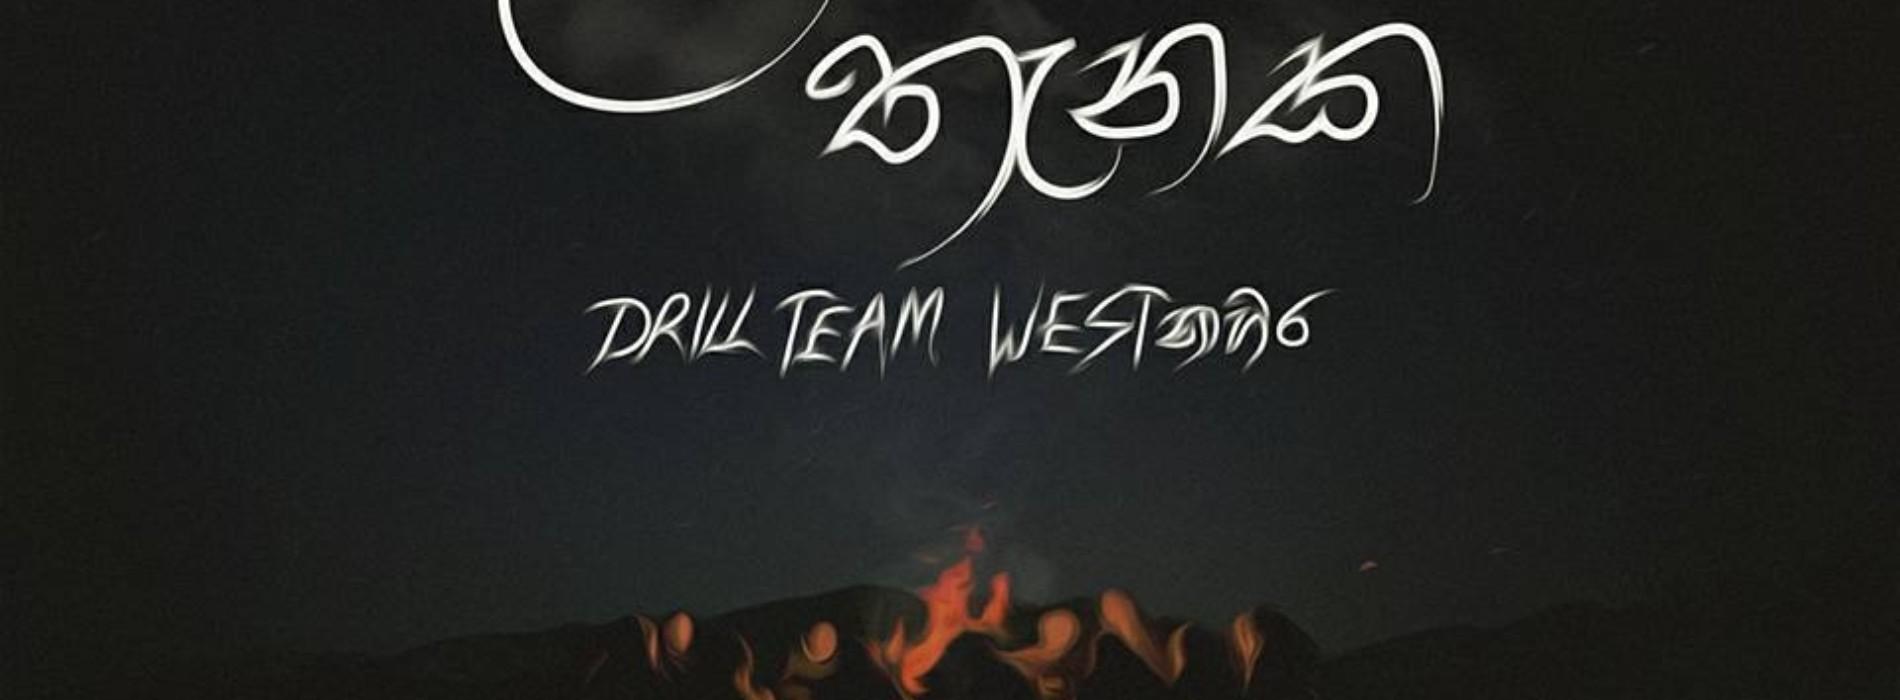 Drill Team Westnahira Ft Yuki – Usama Thanaka (උසම තැනක)